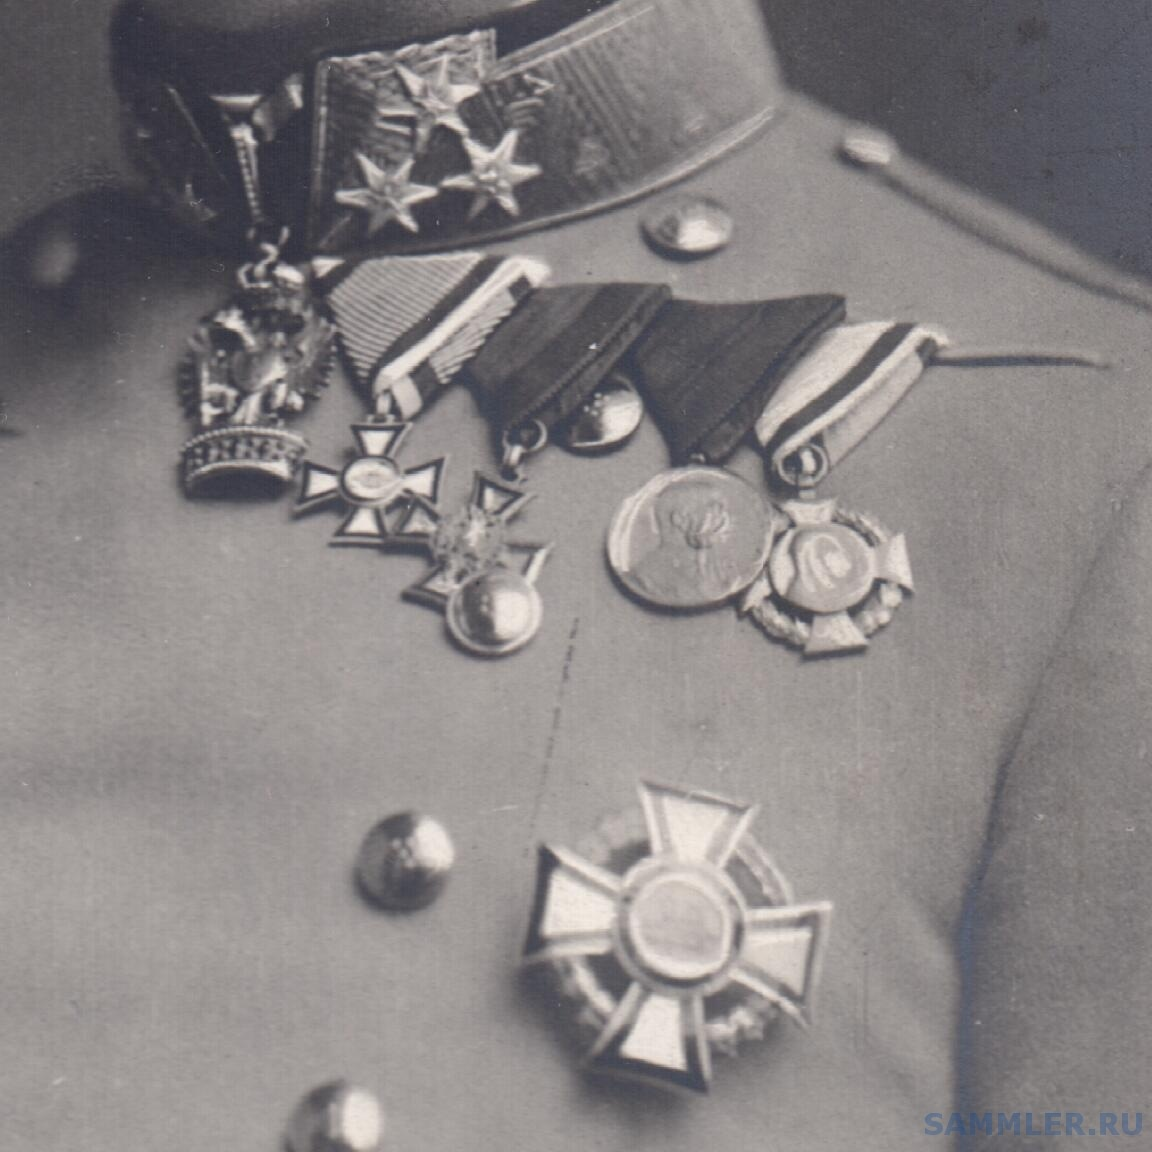 военные заслуги1.jpeg